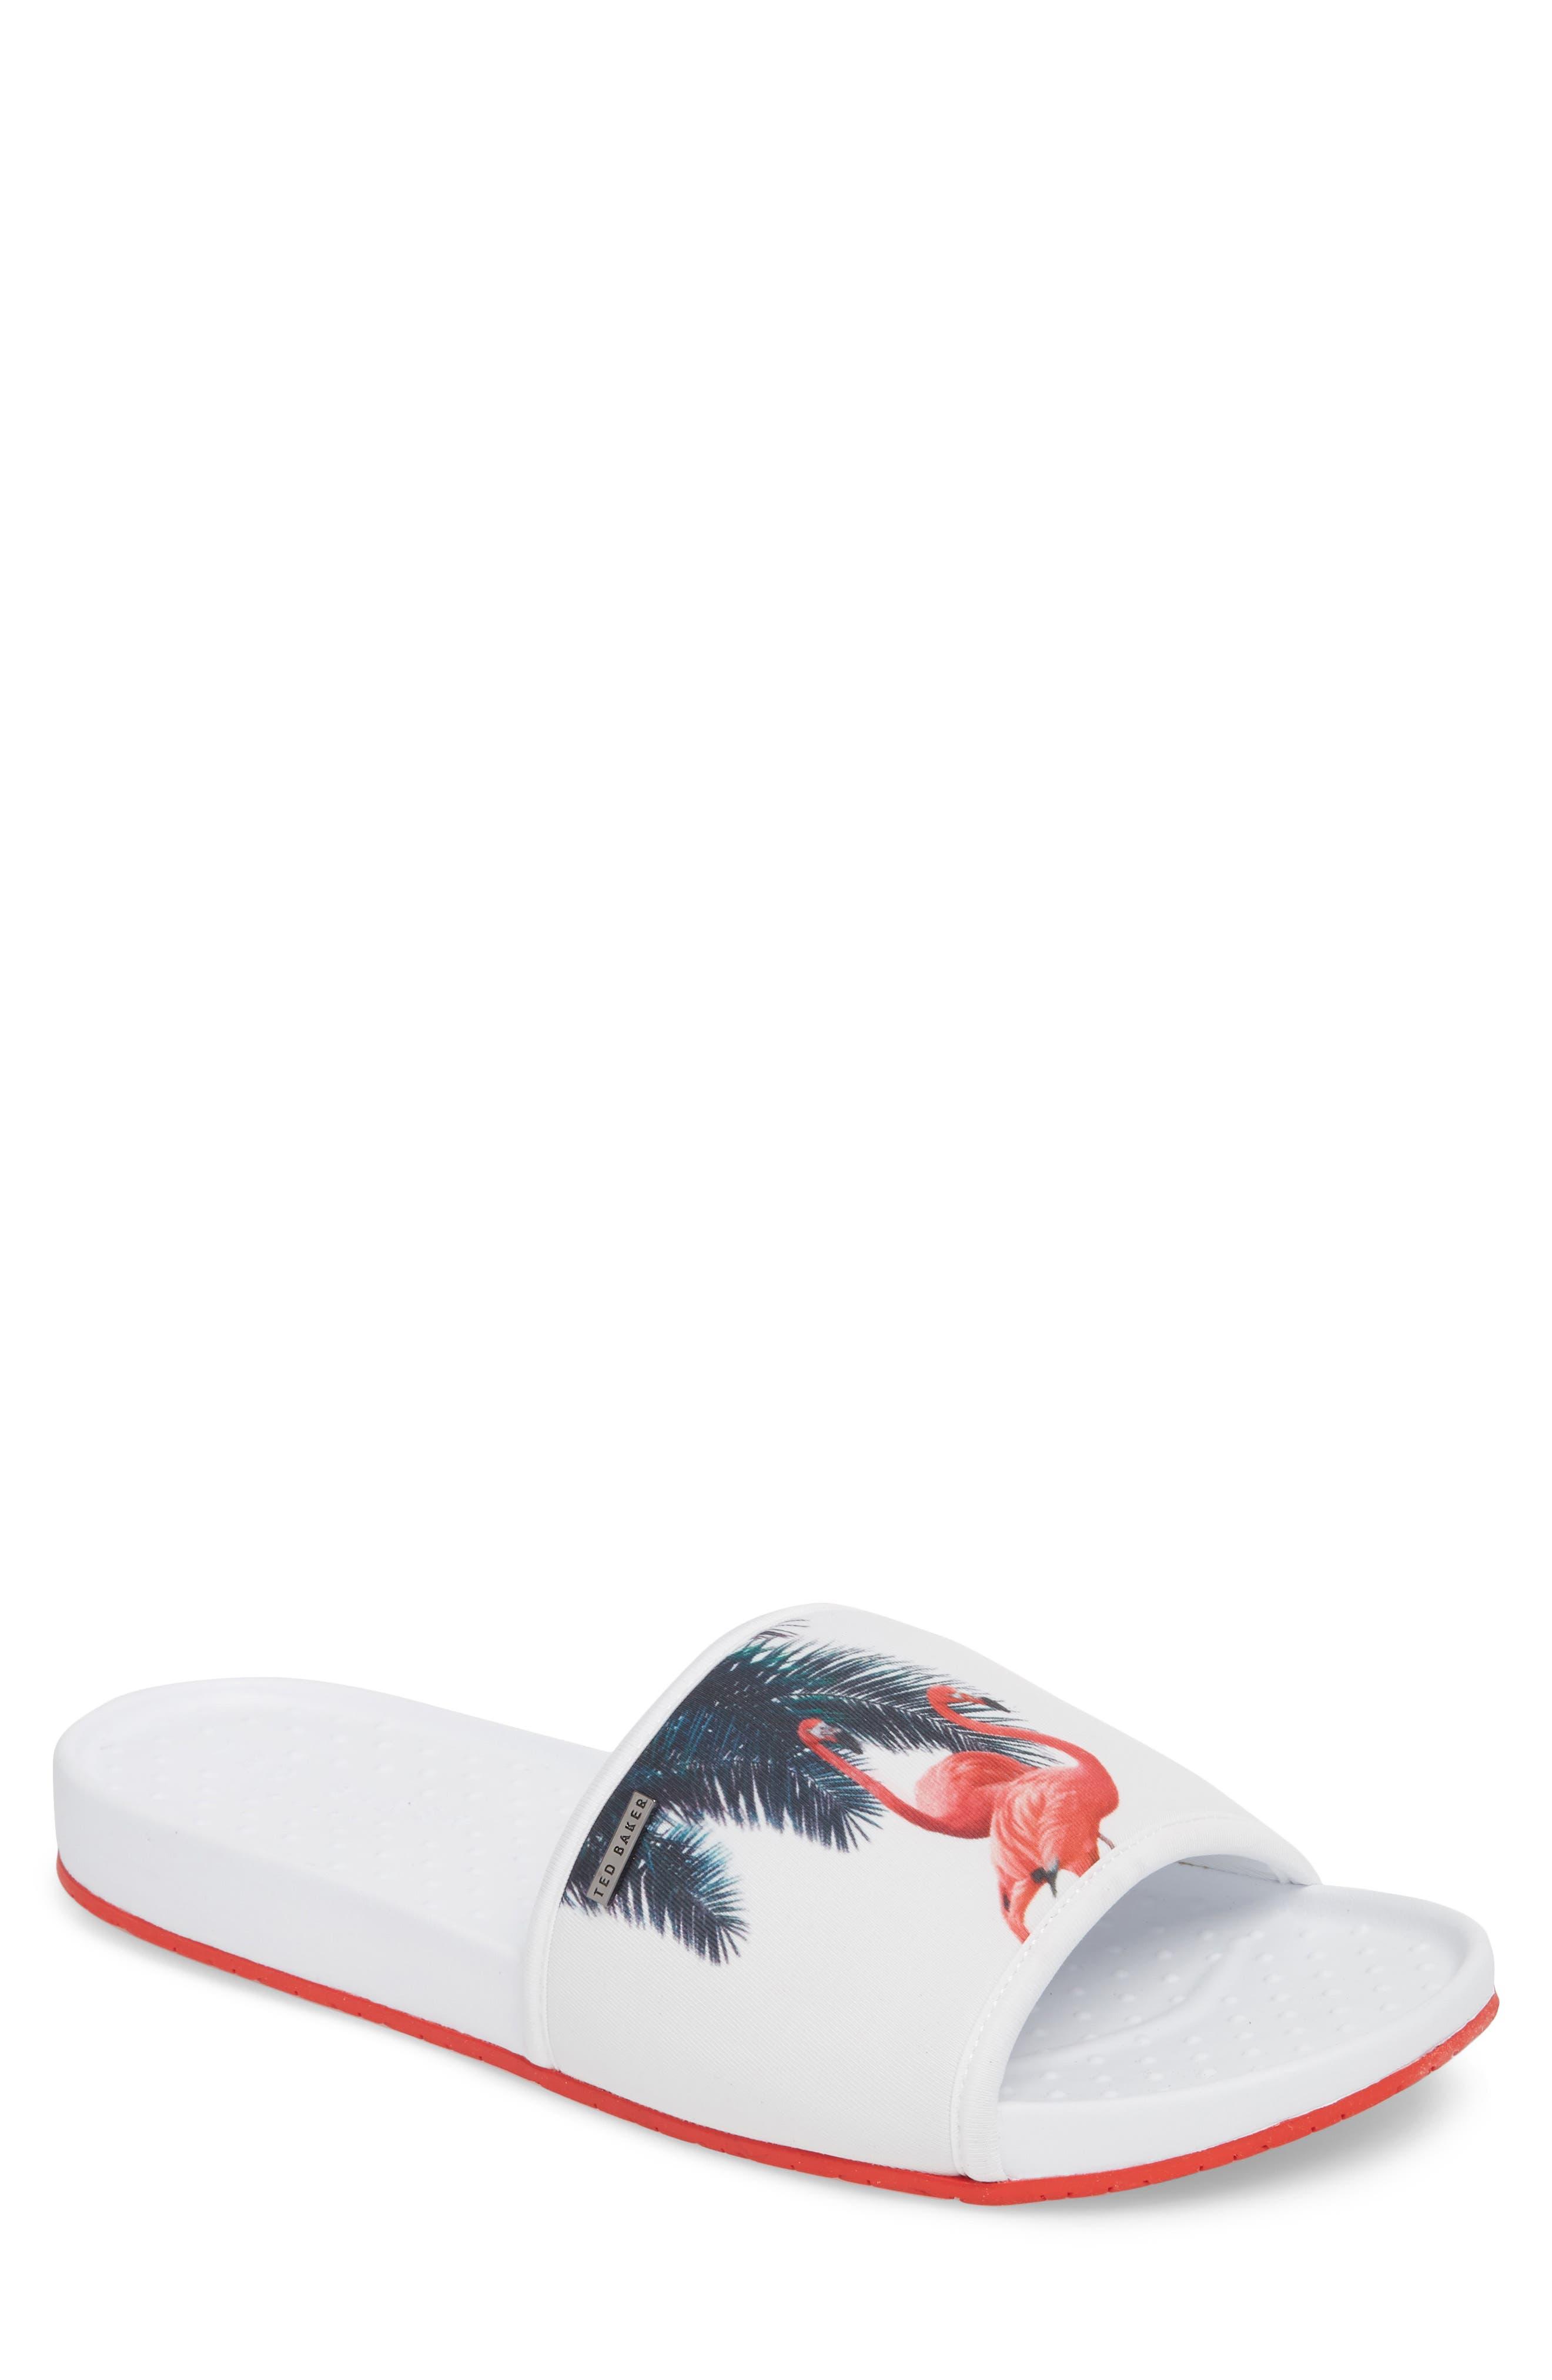 Sauldi 2 Slide Sandal,                         Main,                         color, 181